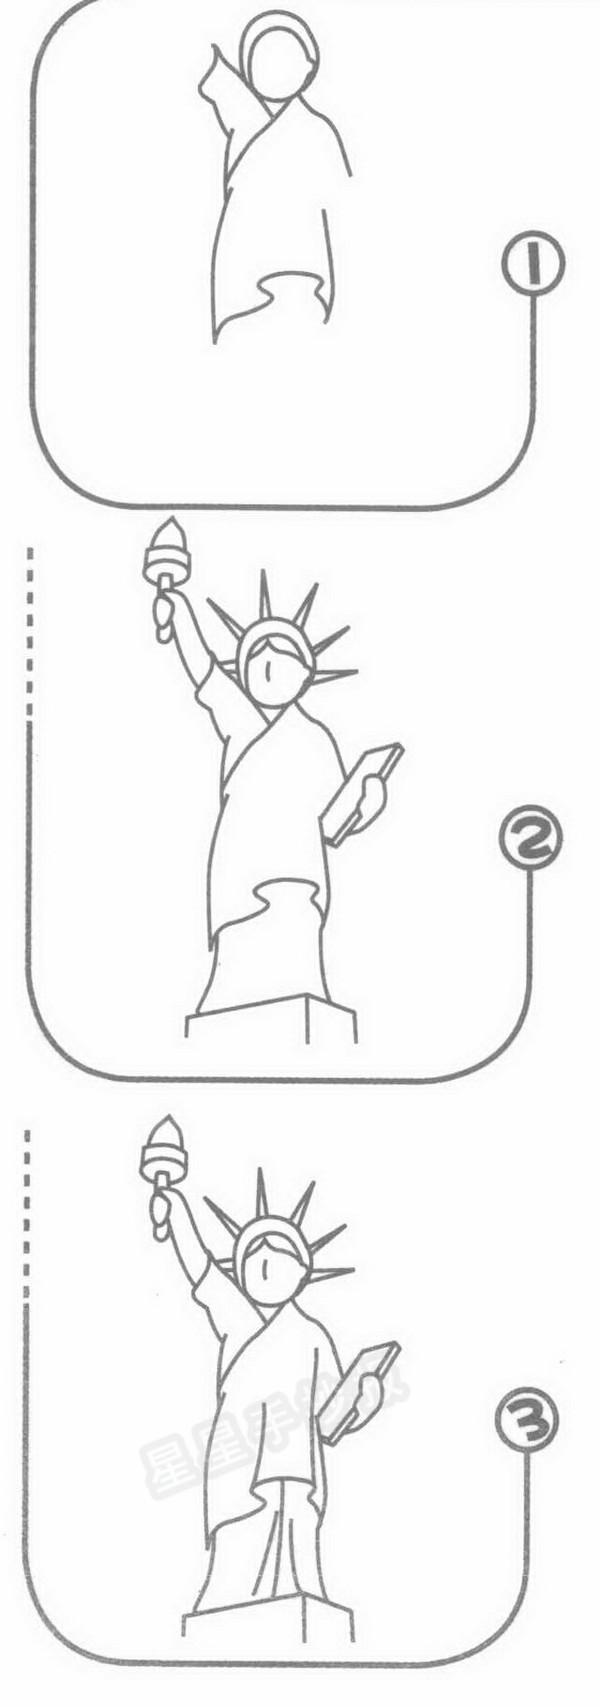 自由女神像简笔画